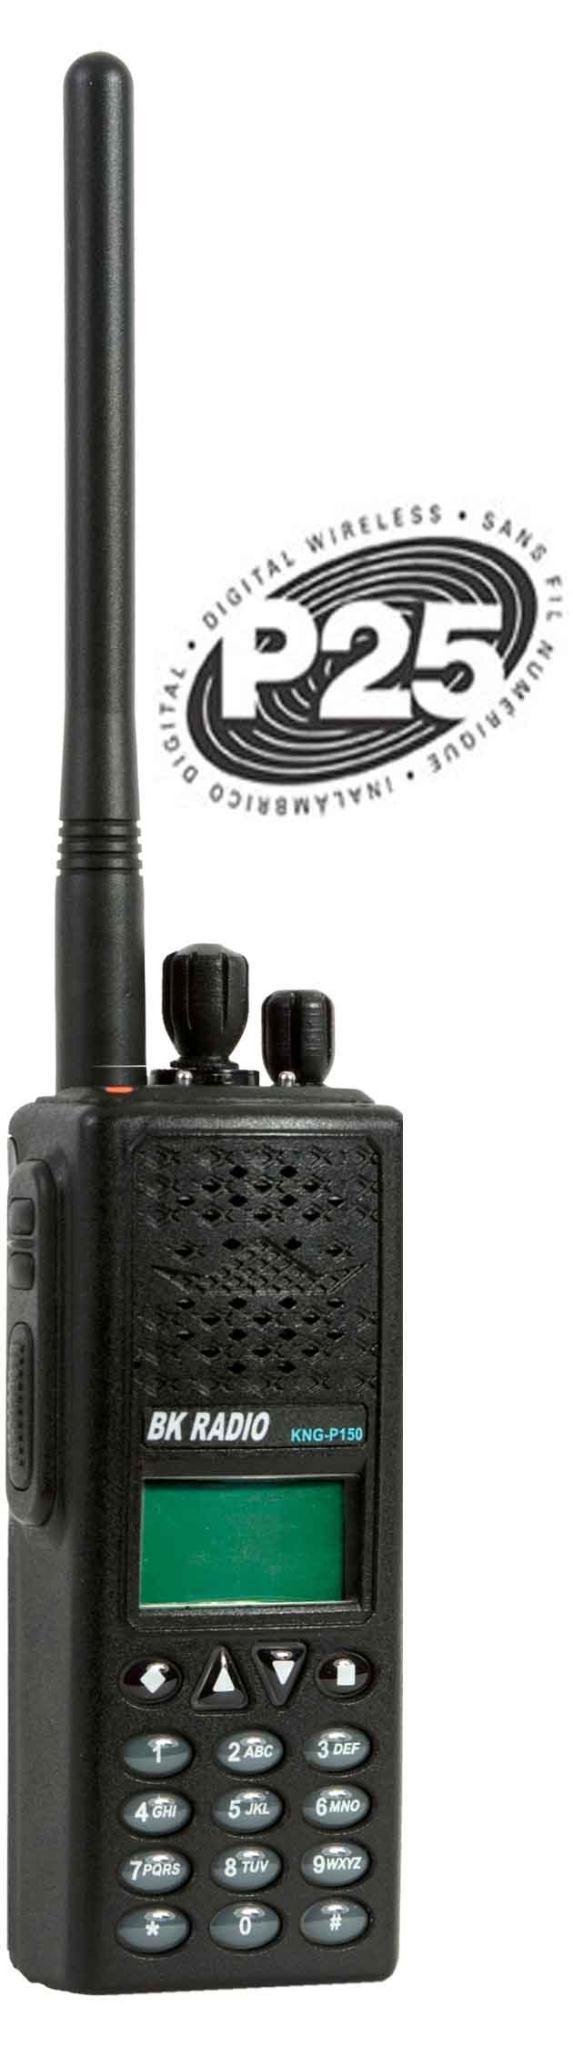 Bendix King GPH Command Portable Radio - Heartland Fire